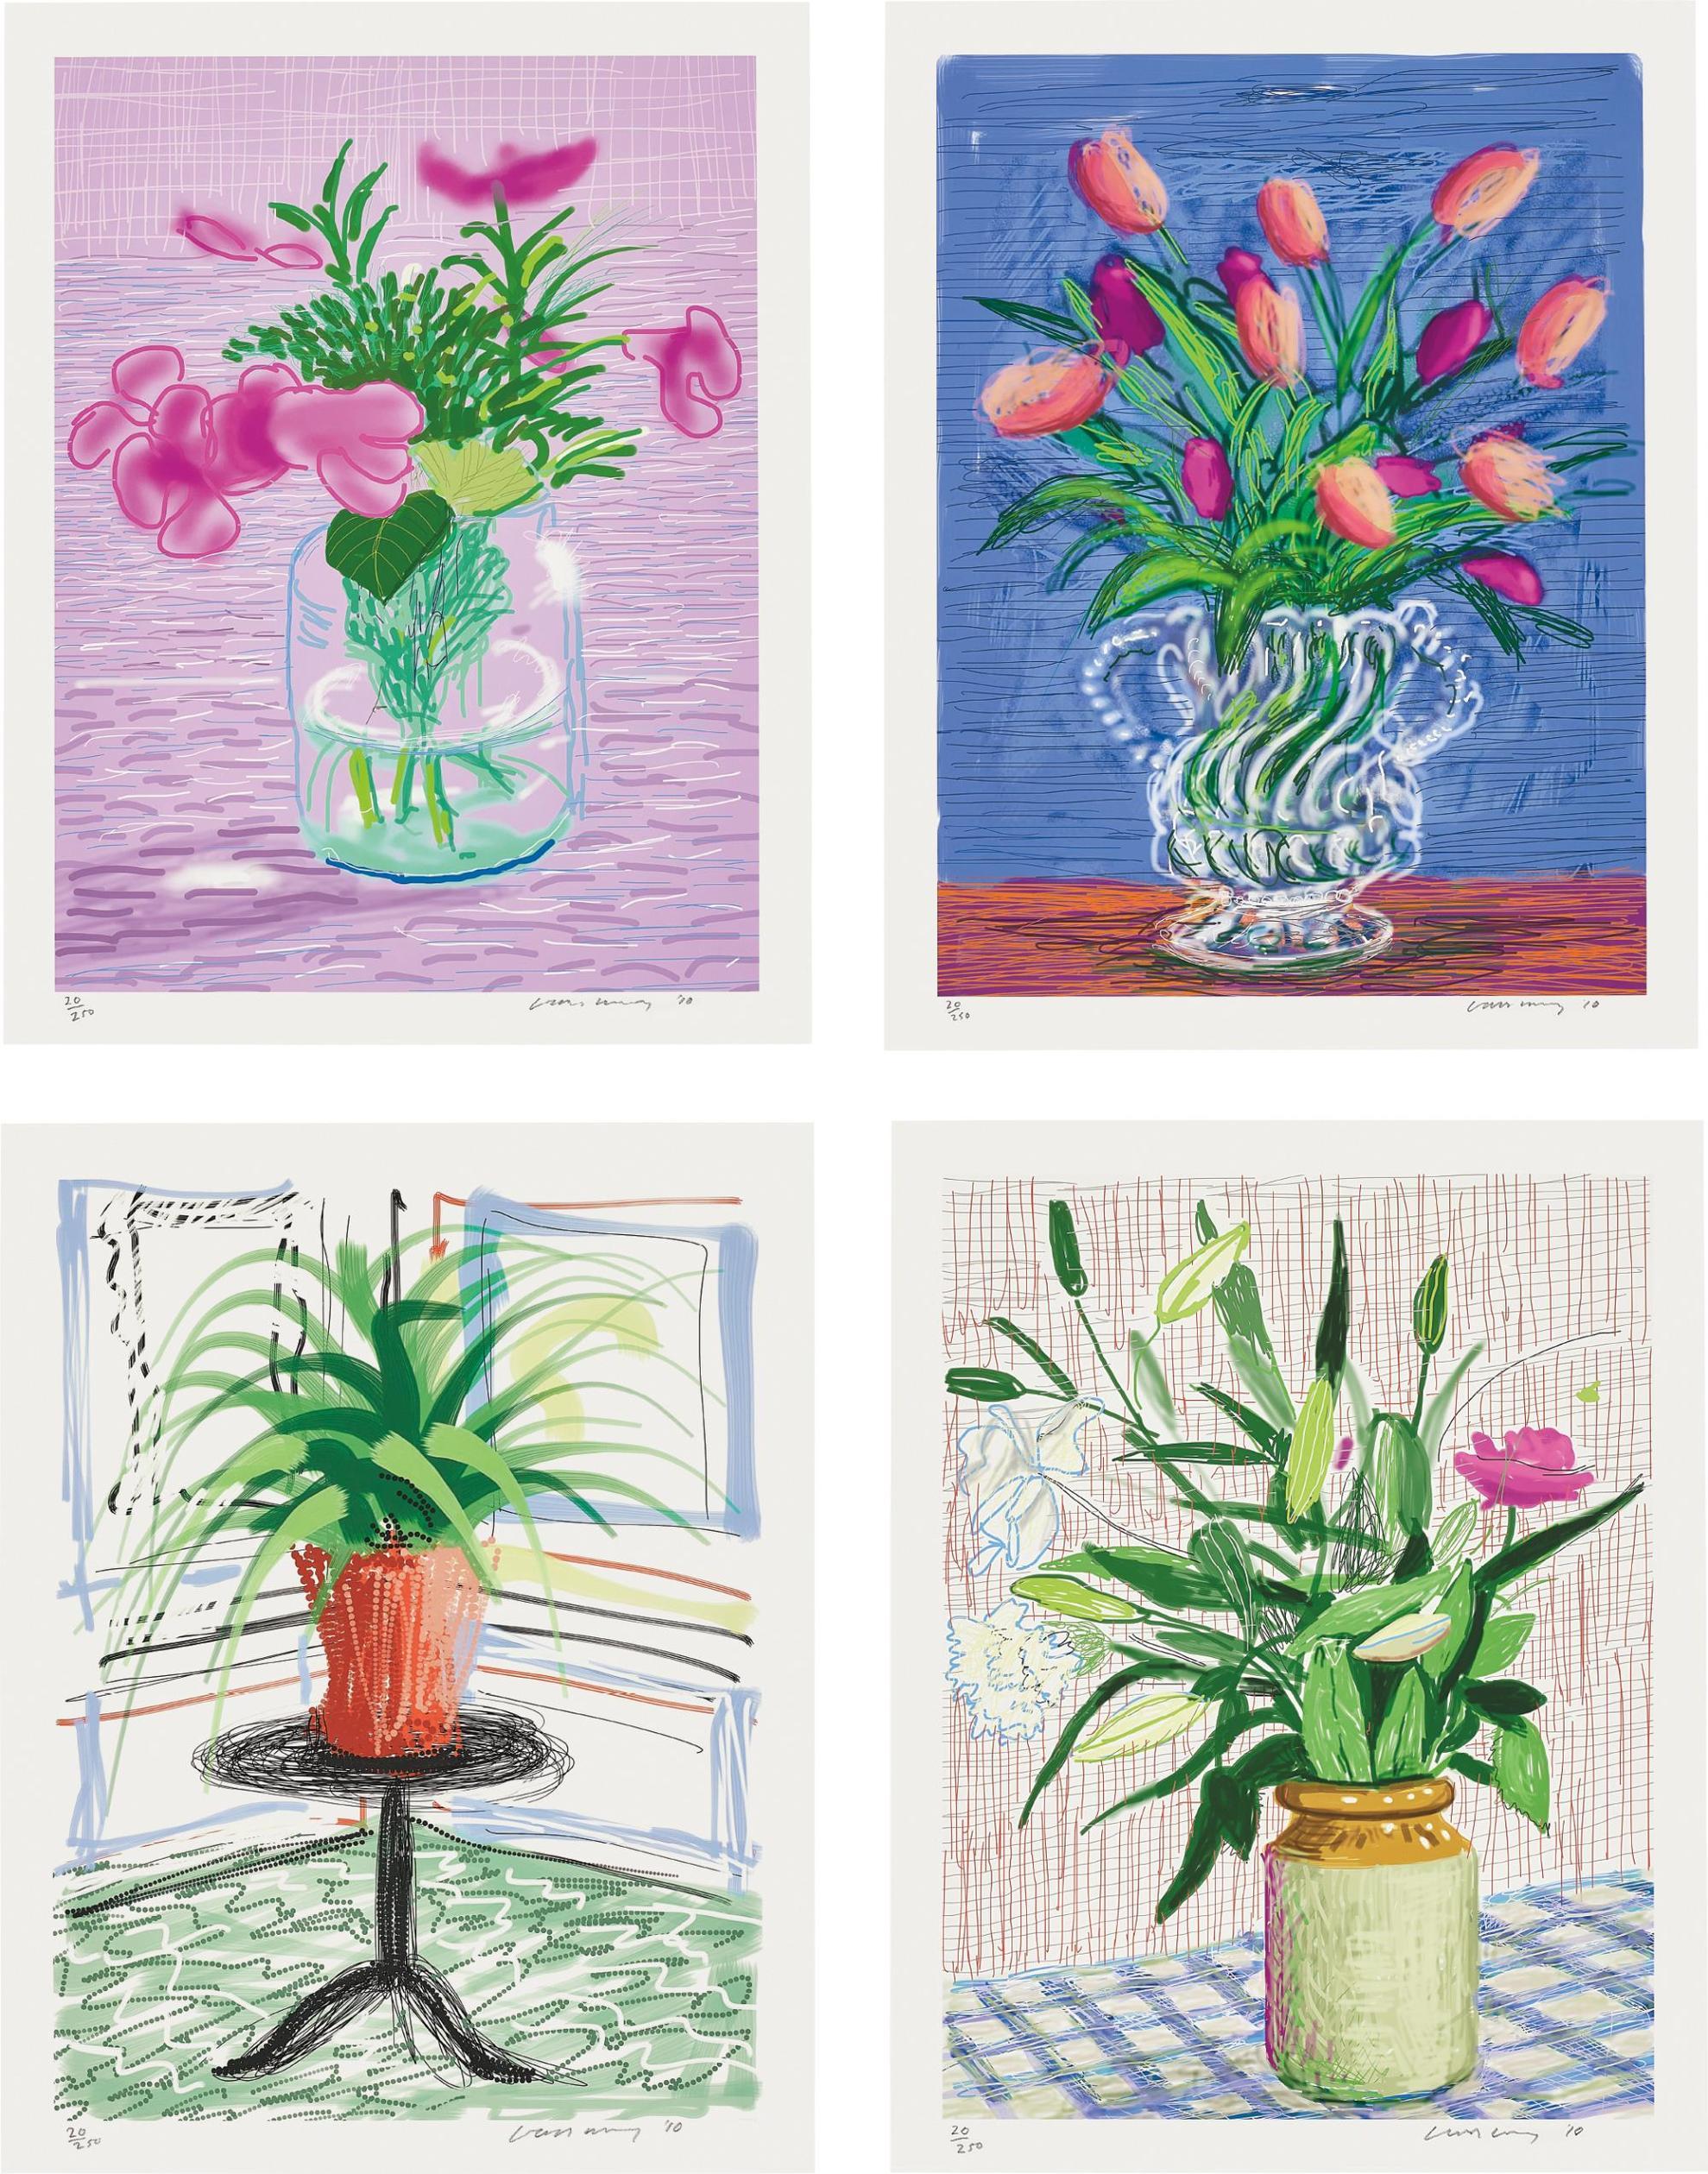 David Hockney-A Bigger Book: Art Editions A, B, C, And D-2016